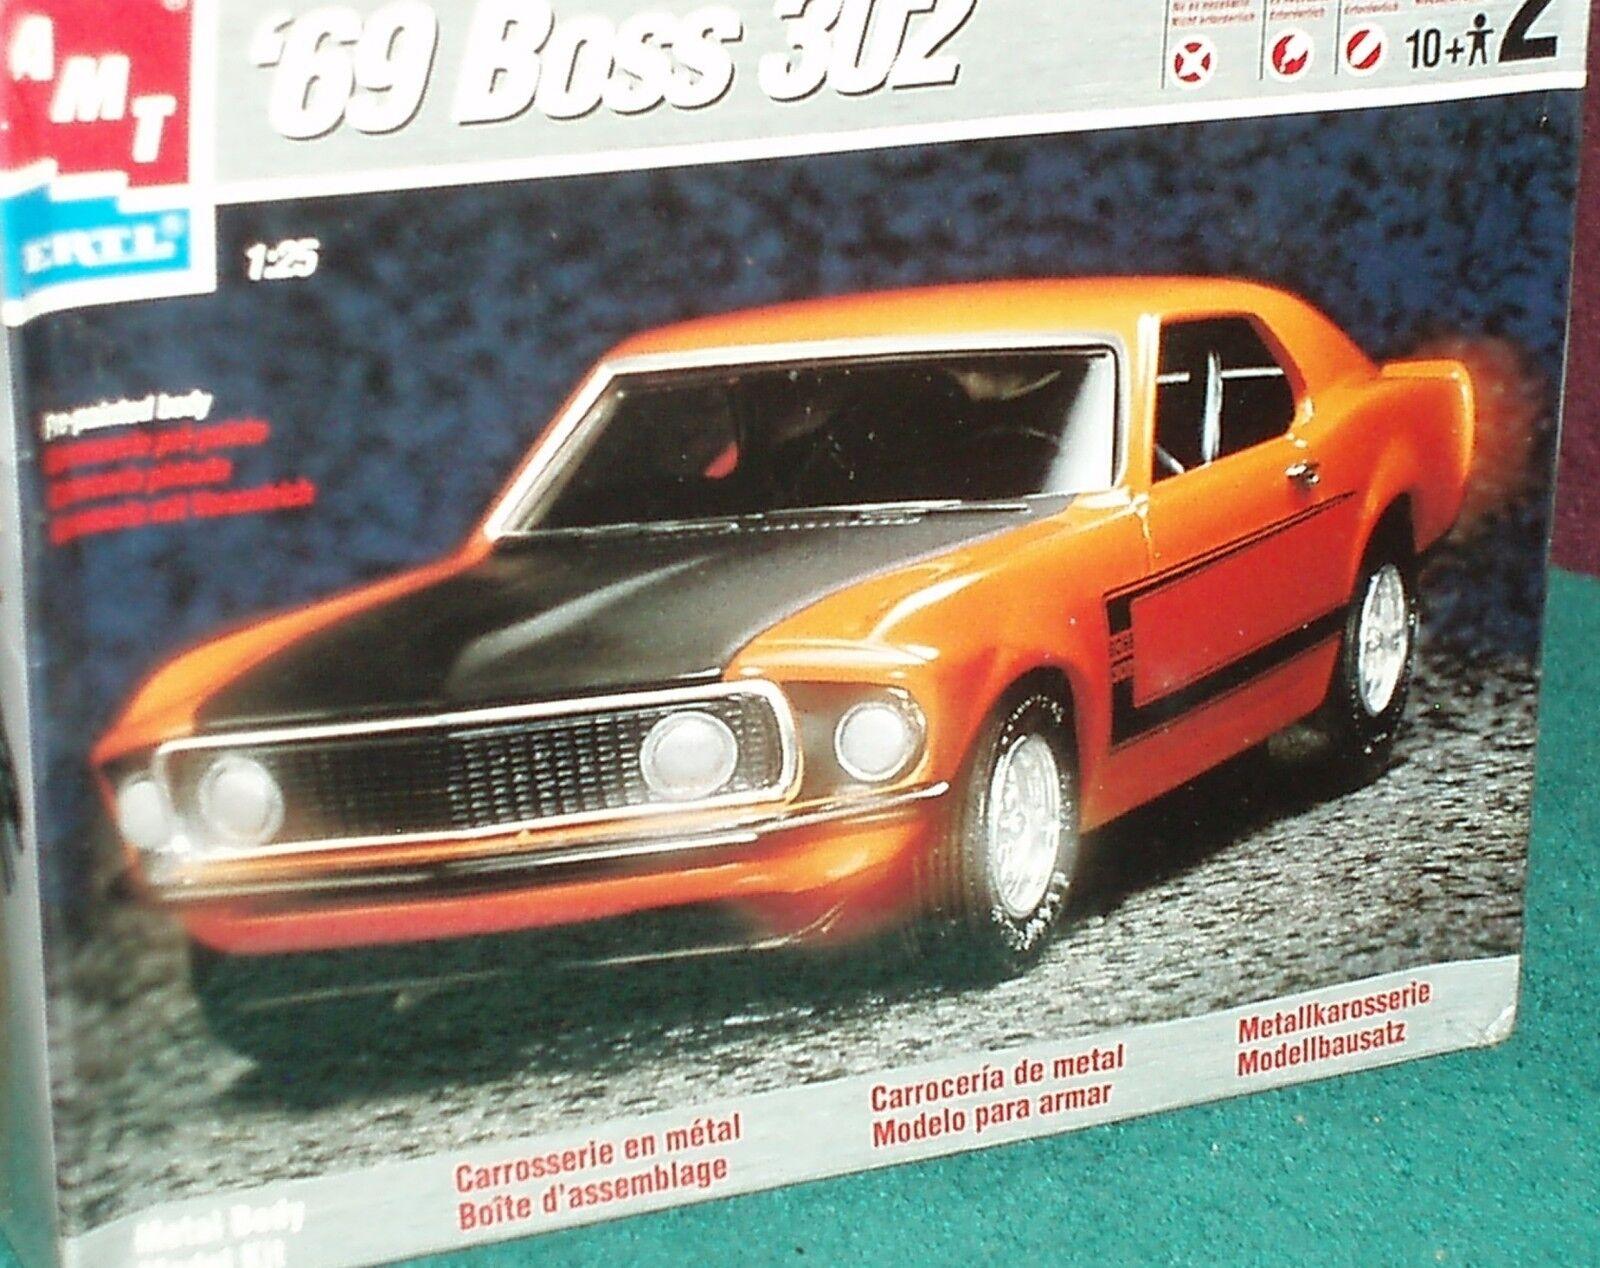 Con precio barato para obtener la mejor marca. Juguetes Modelo De De De Aluminio 1969 jefe 302 Ford Mustang Diecast Modelo Kit 1 25 nivel de habilidad 2  marcas de diseñadores baratos